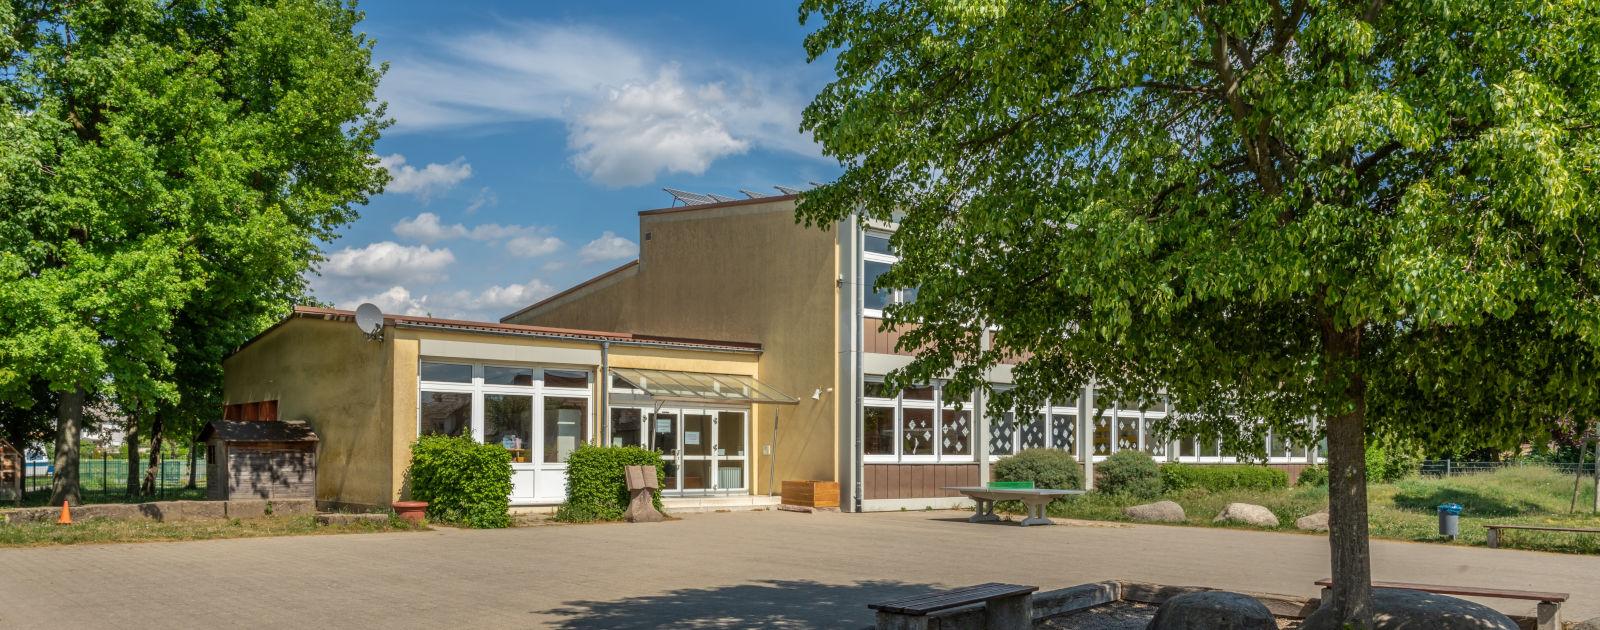 Außenansicht Johannes-Beinert-Schule Eckartsweier